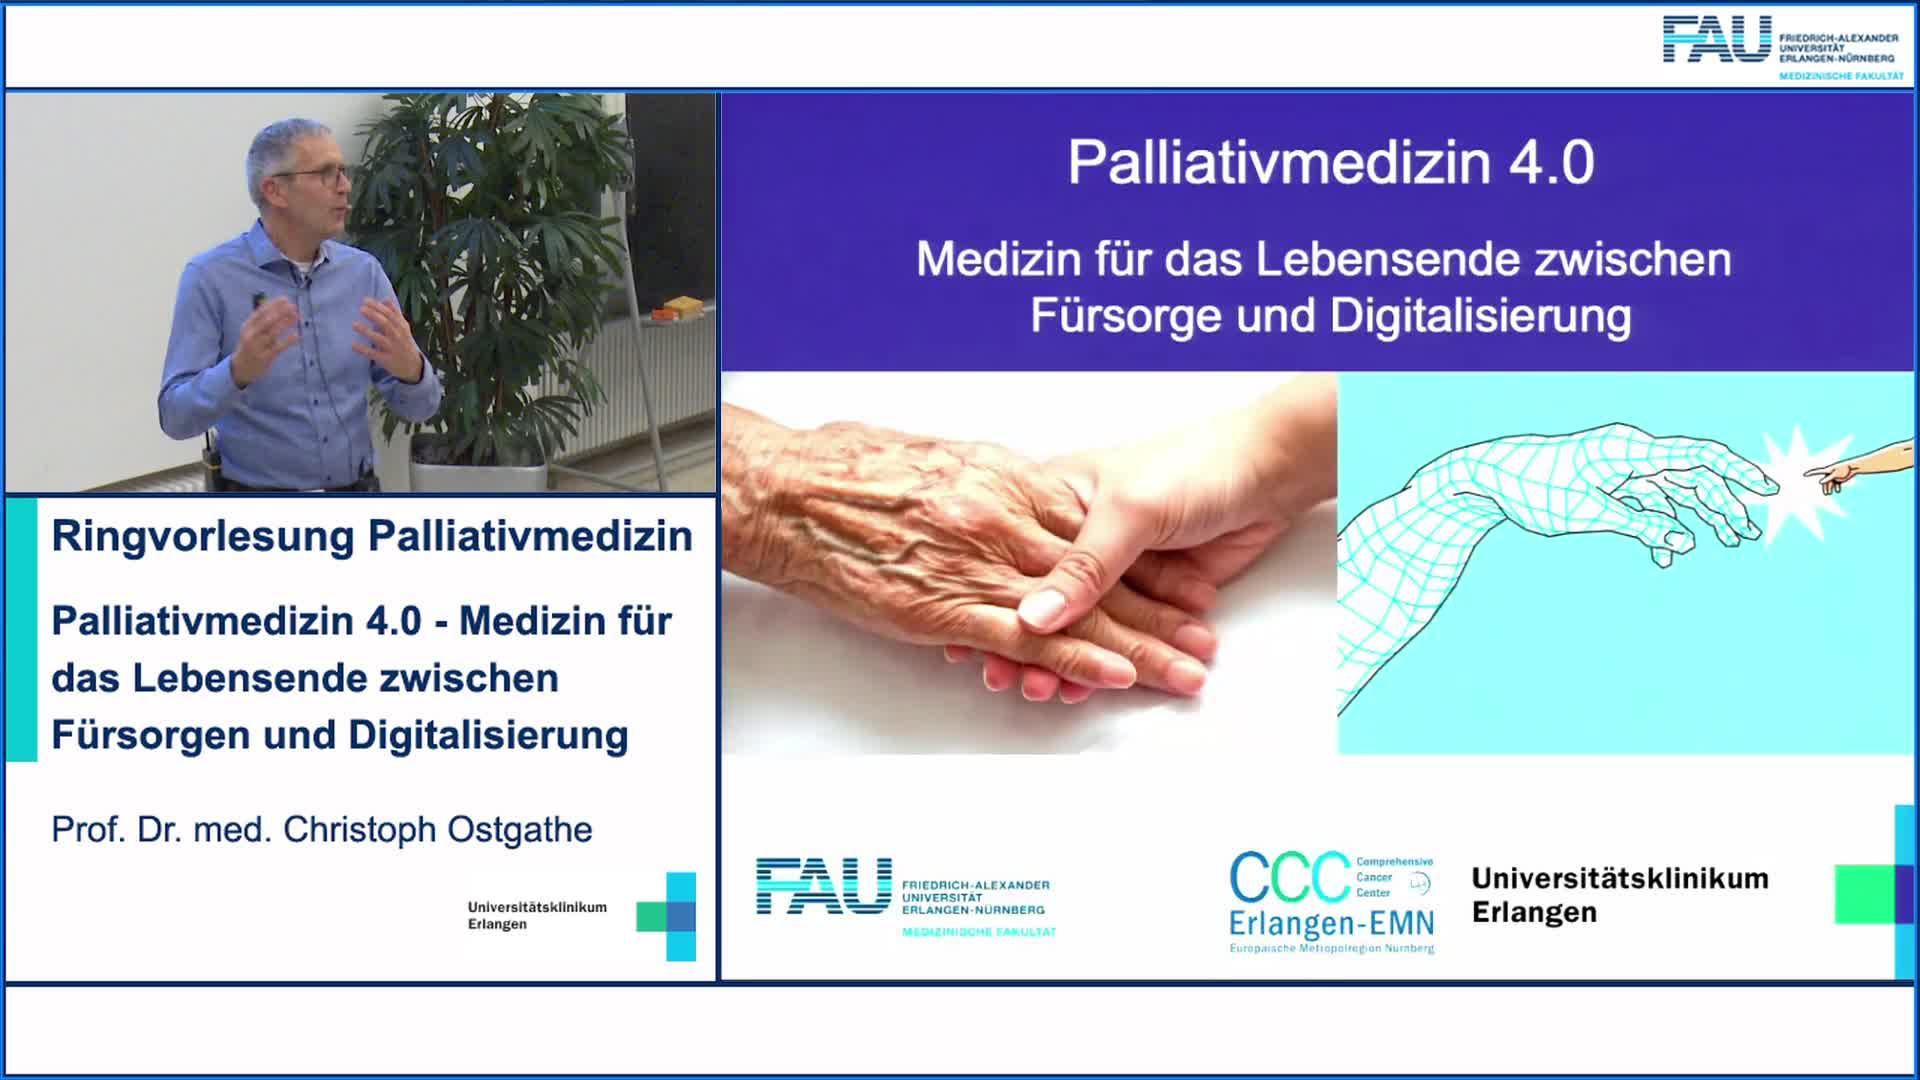 Palliativmedizin 4.0 - Medizin für das Lebensende zwischen Fürsorgen und Digitalisierung preview image